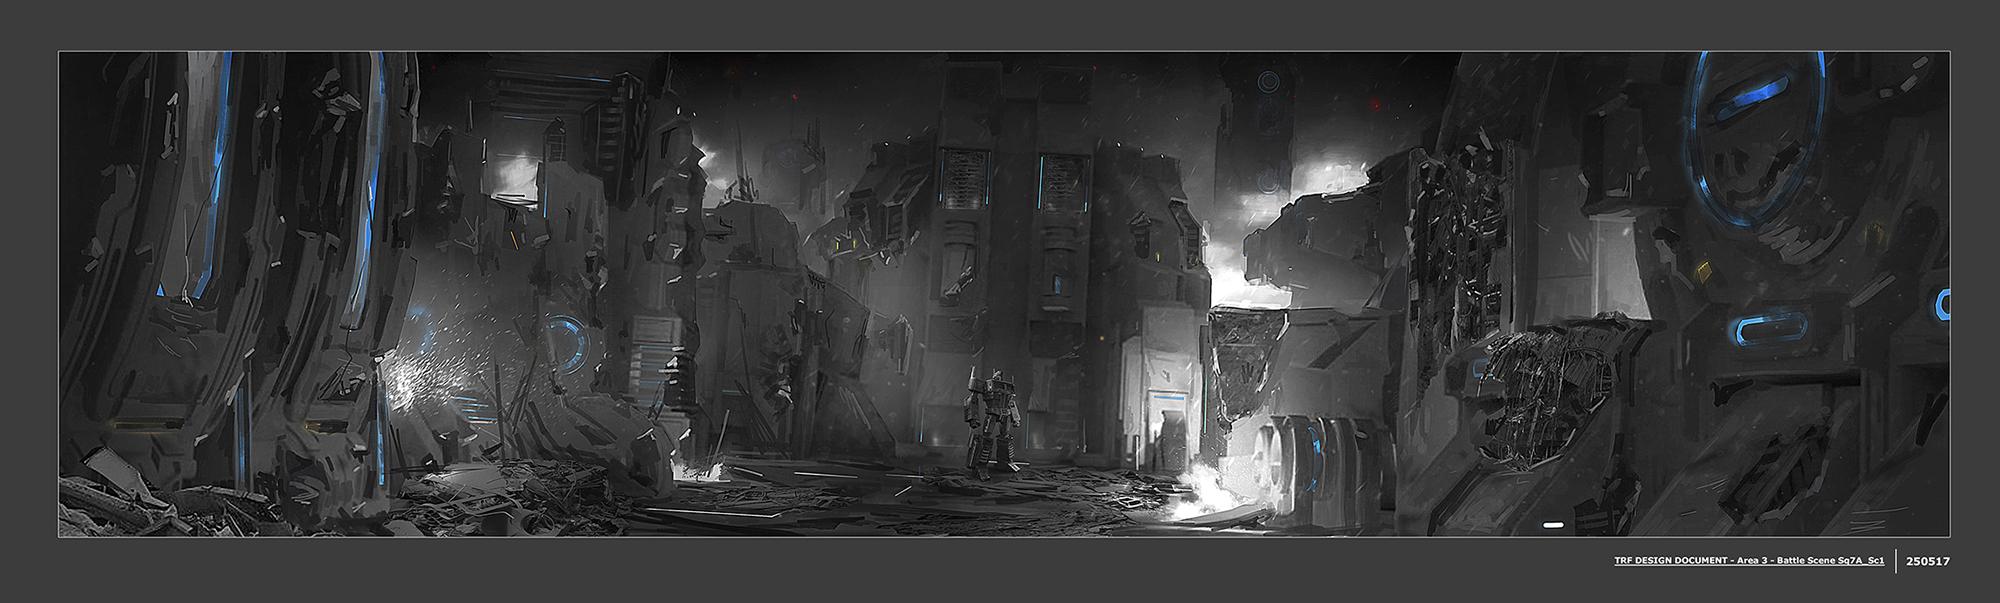 Area3-Battle_scene_BUILDING_DESIGN_Sq06A